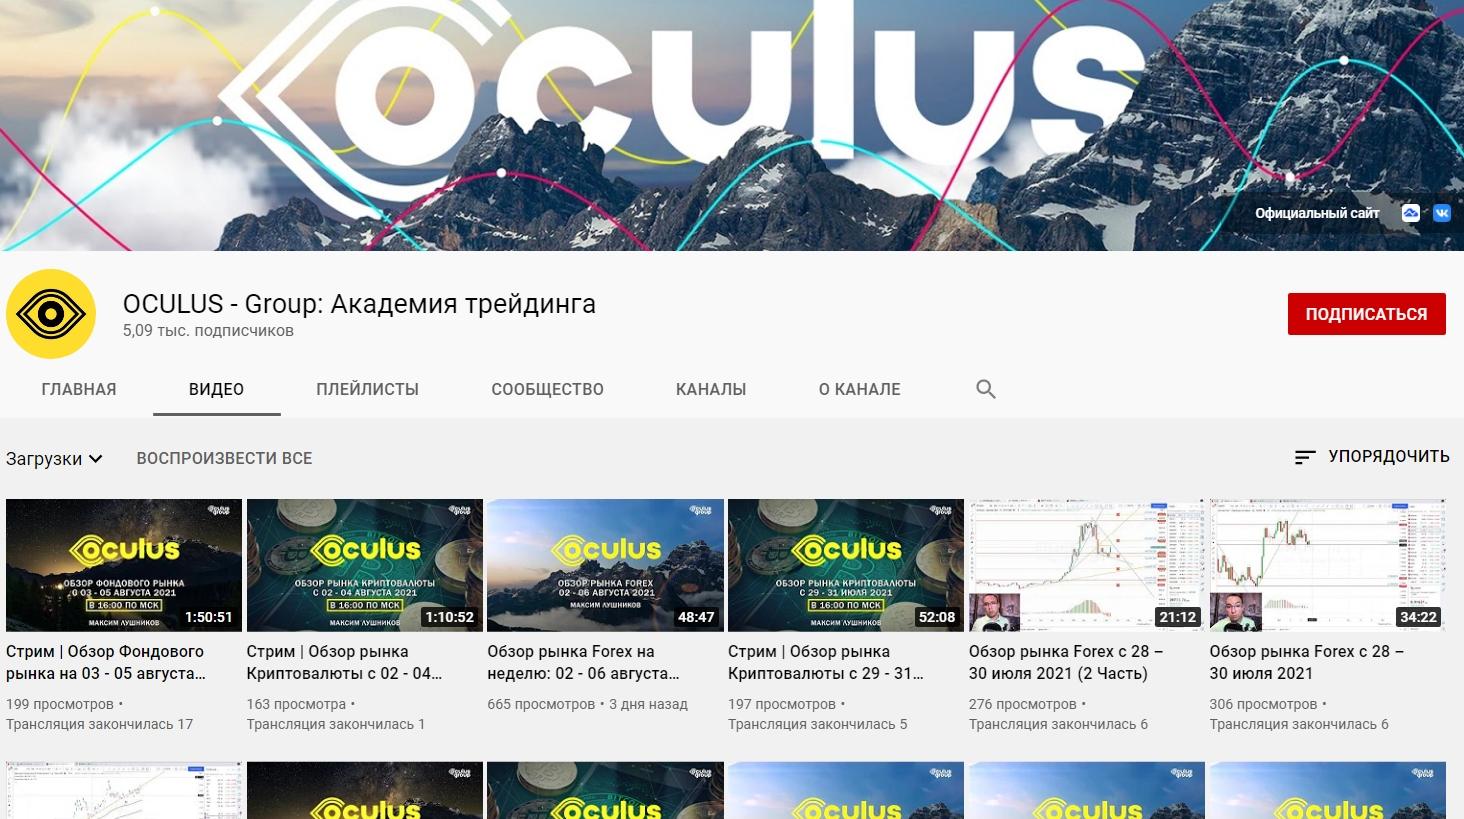 Ютуб канал Максима Лушникова